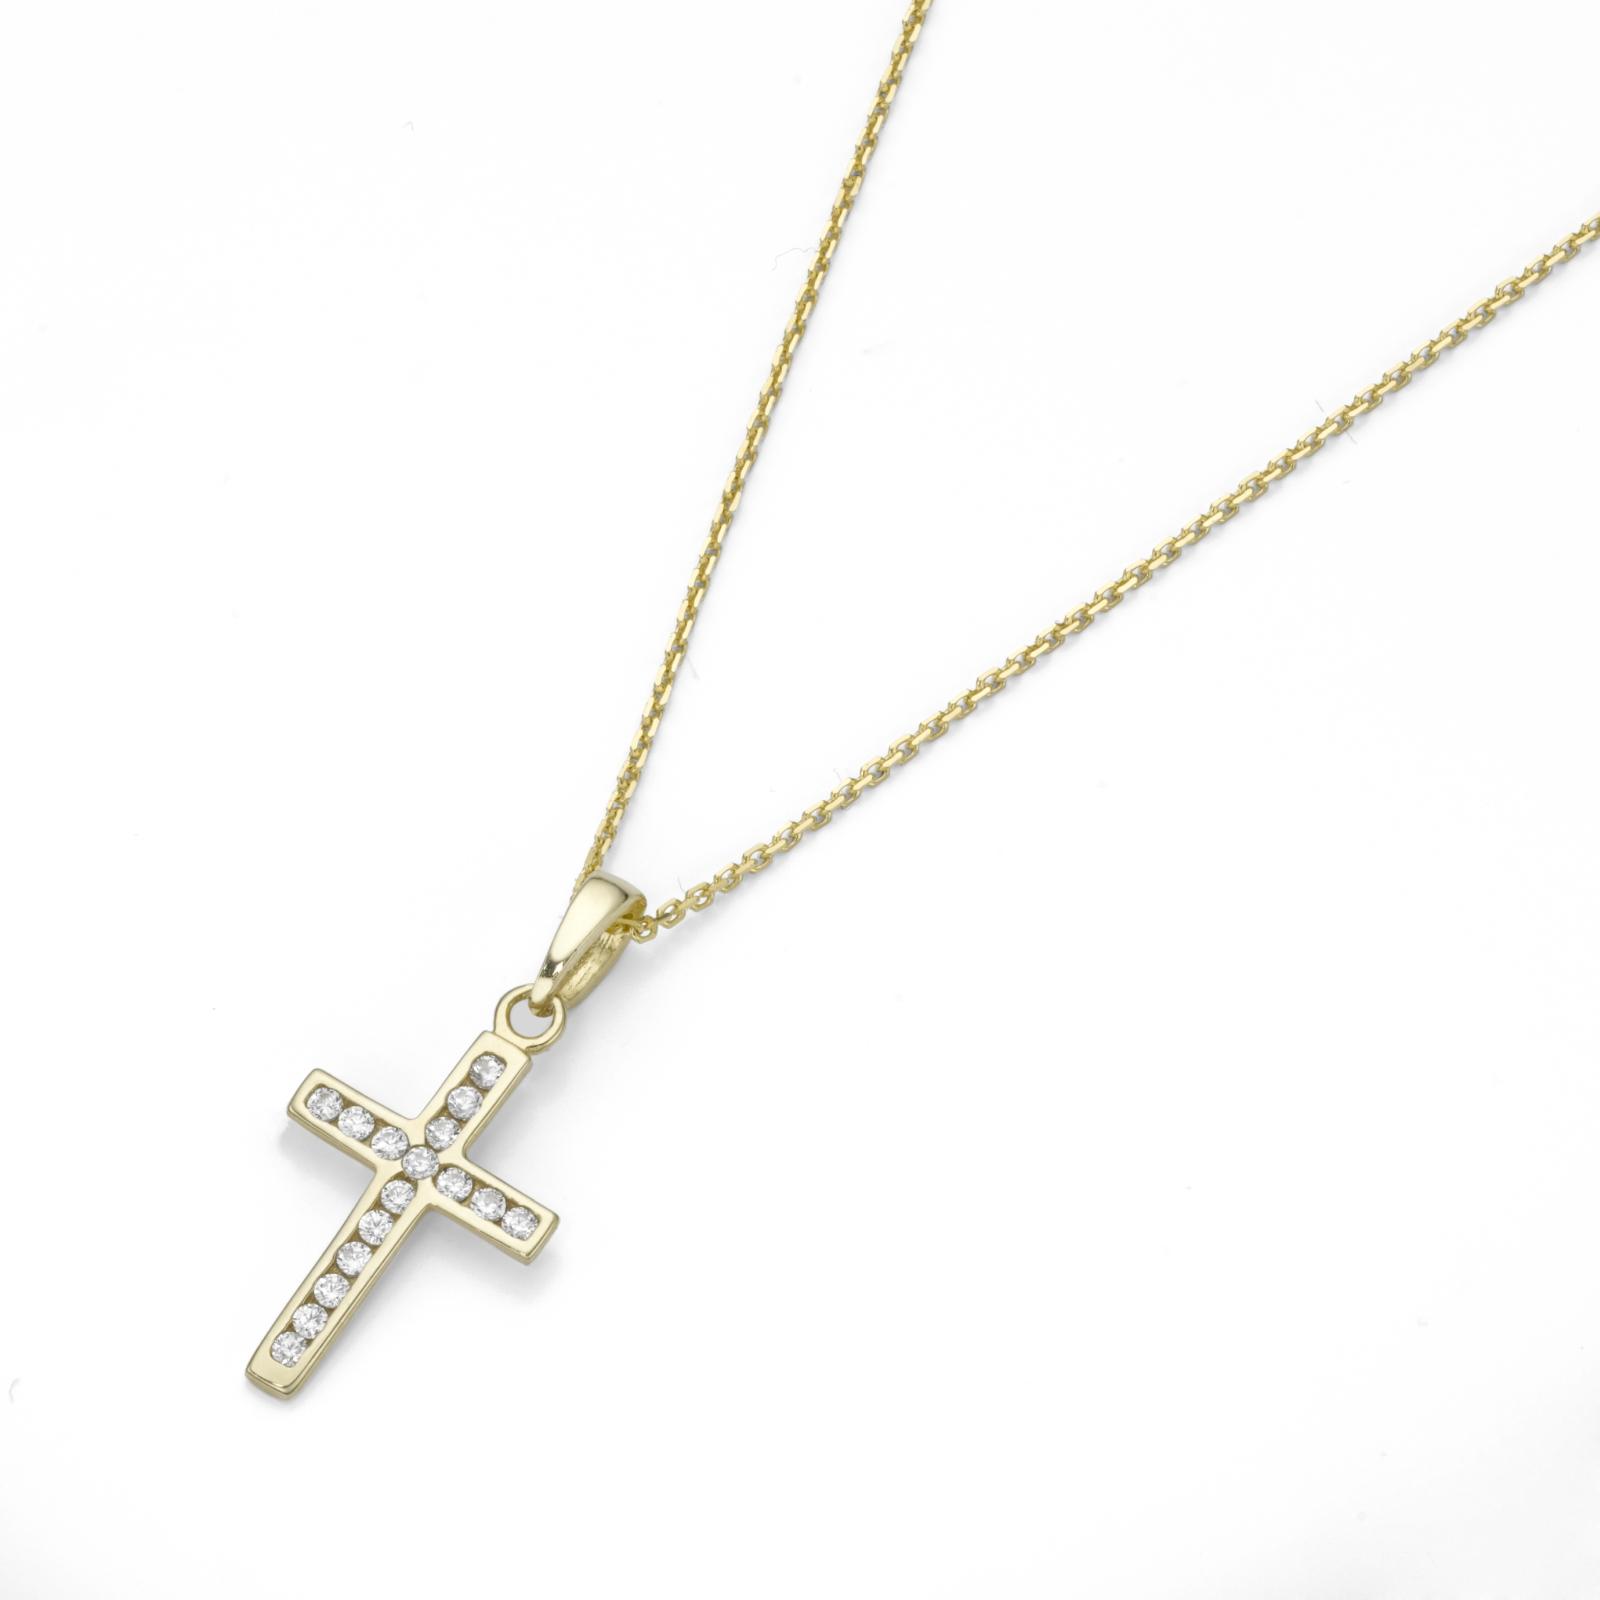 Anhänger Kreuz mit Zirkonia in Gold 375